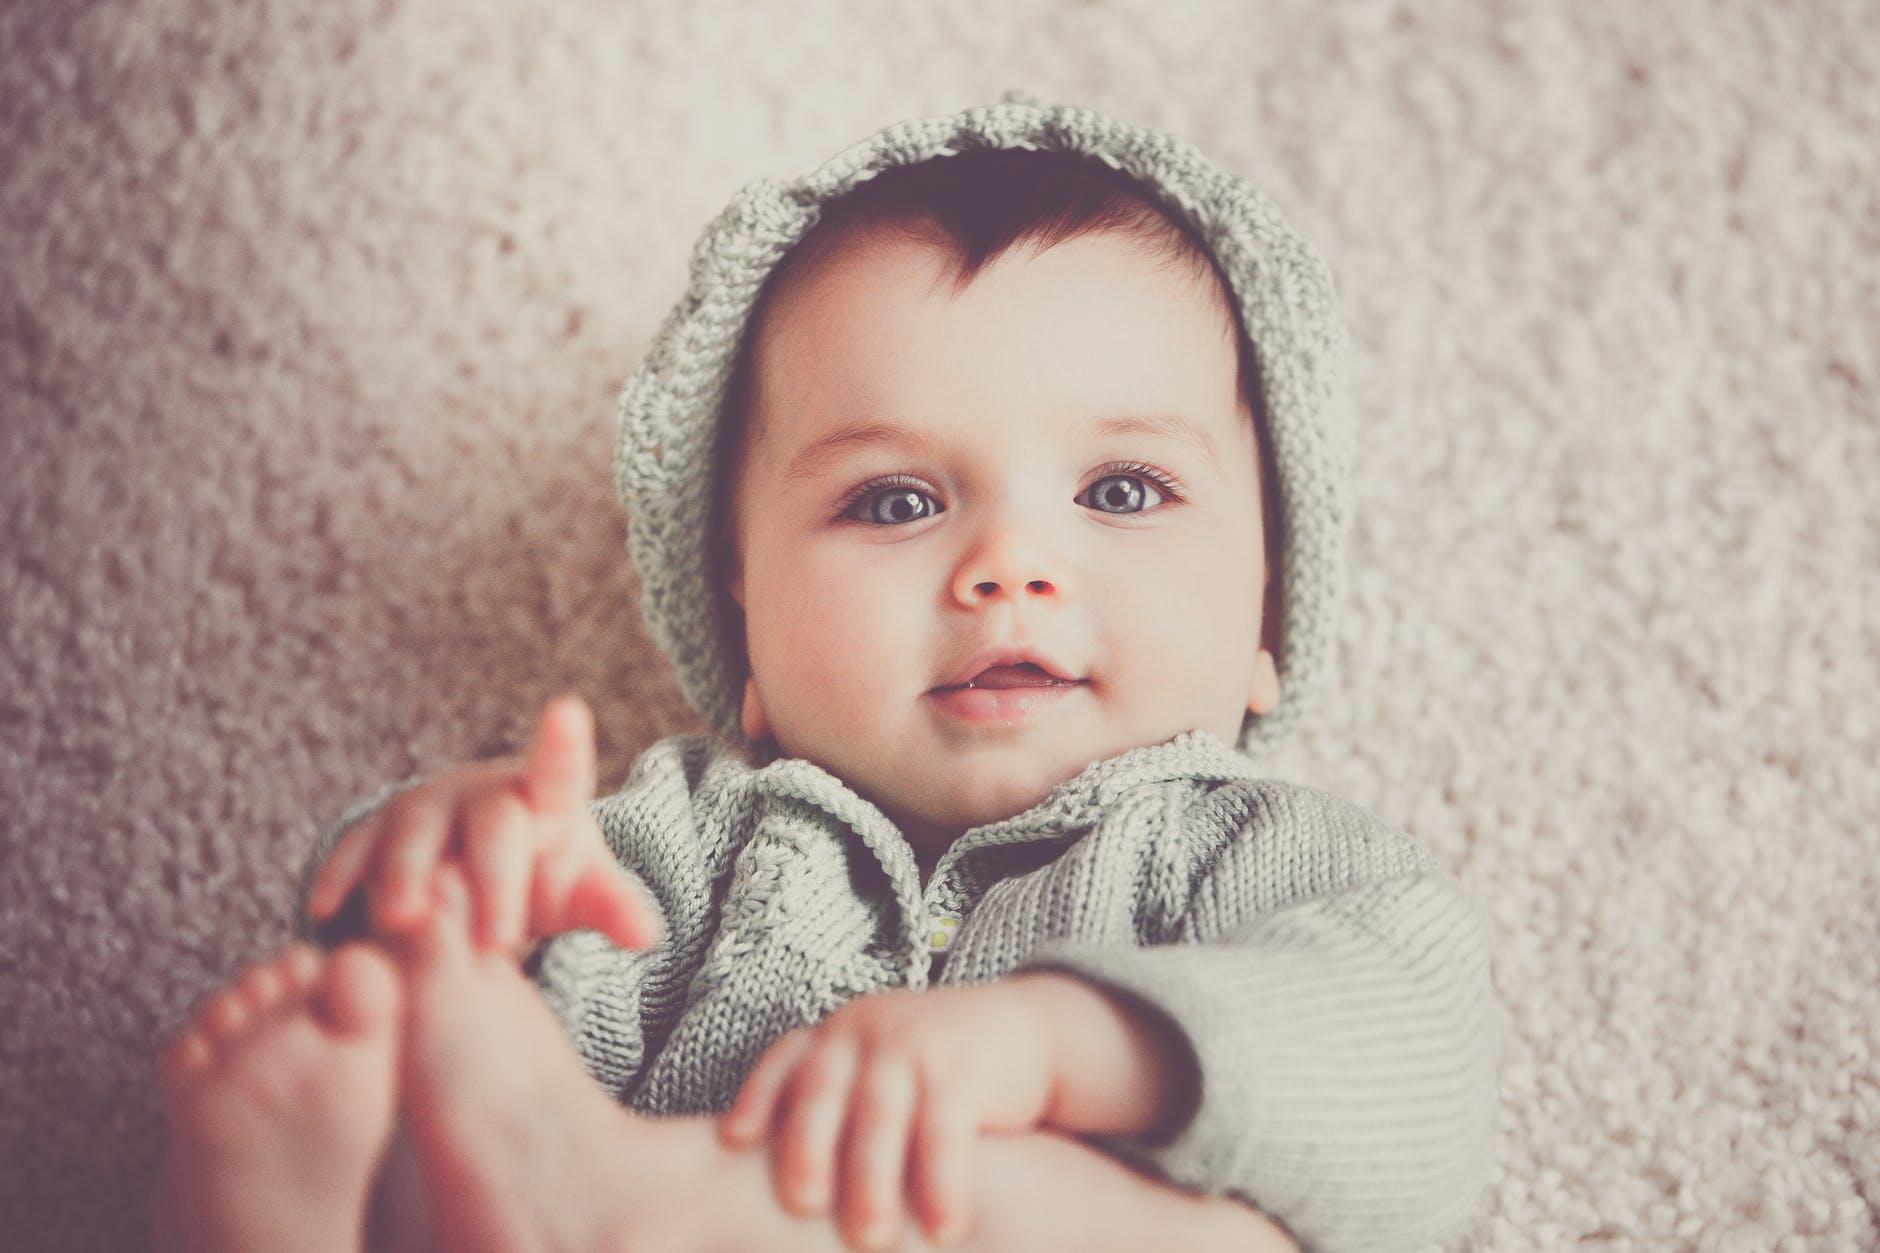 Cuidados no inverno: como proteger a saúde do bebê